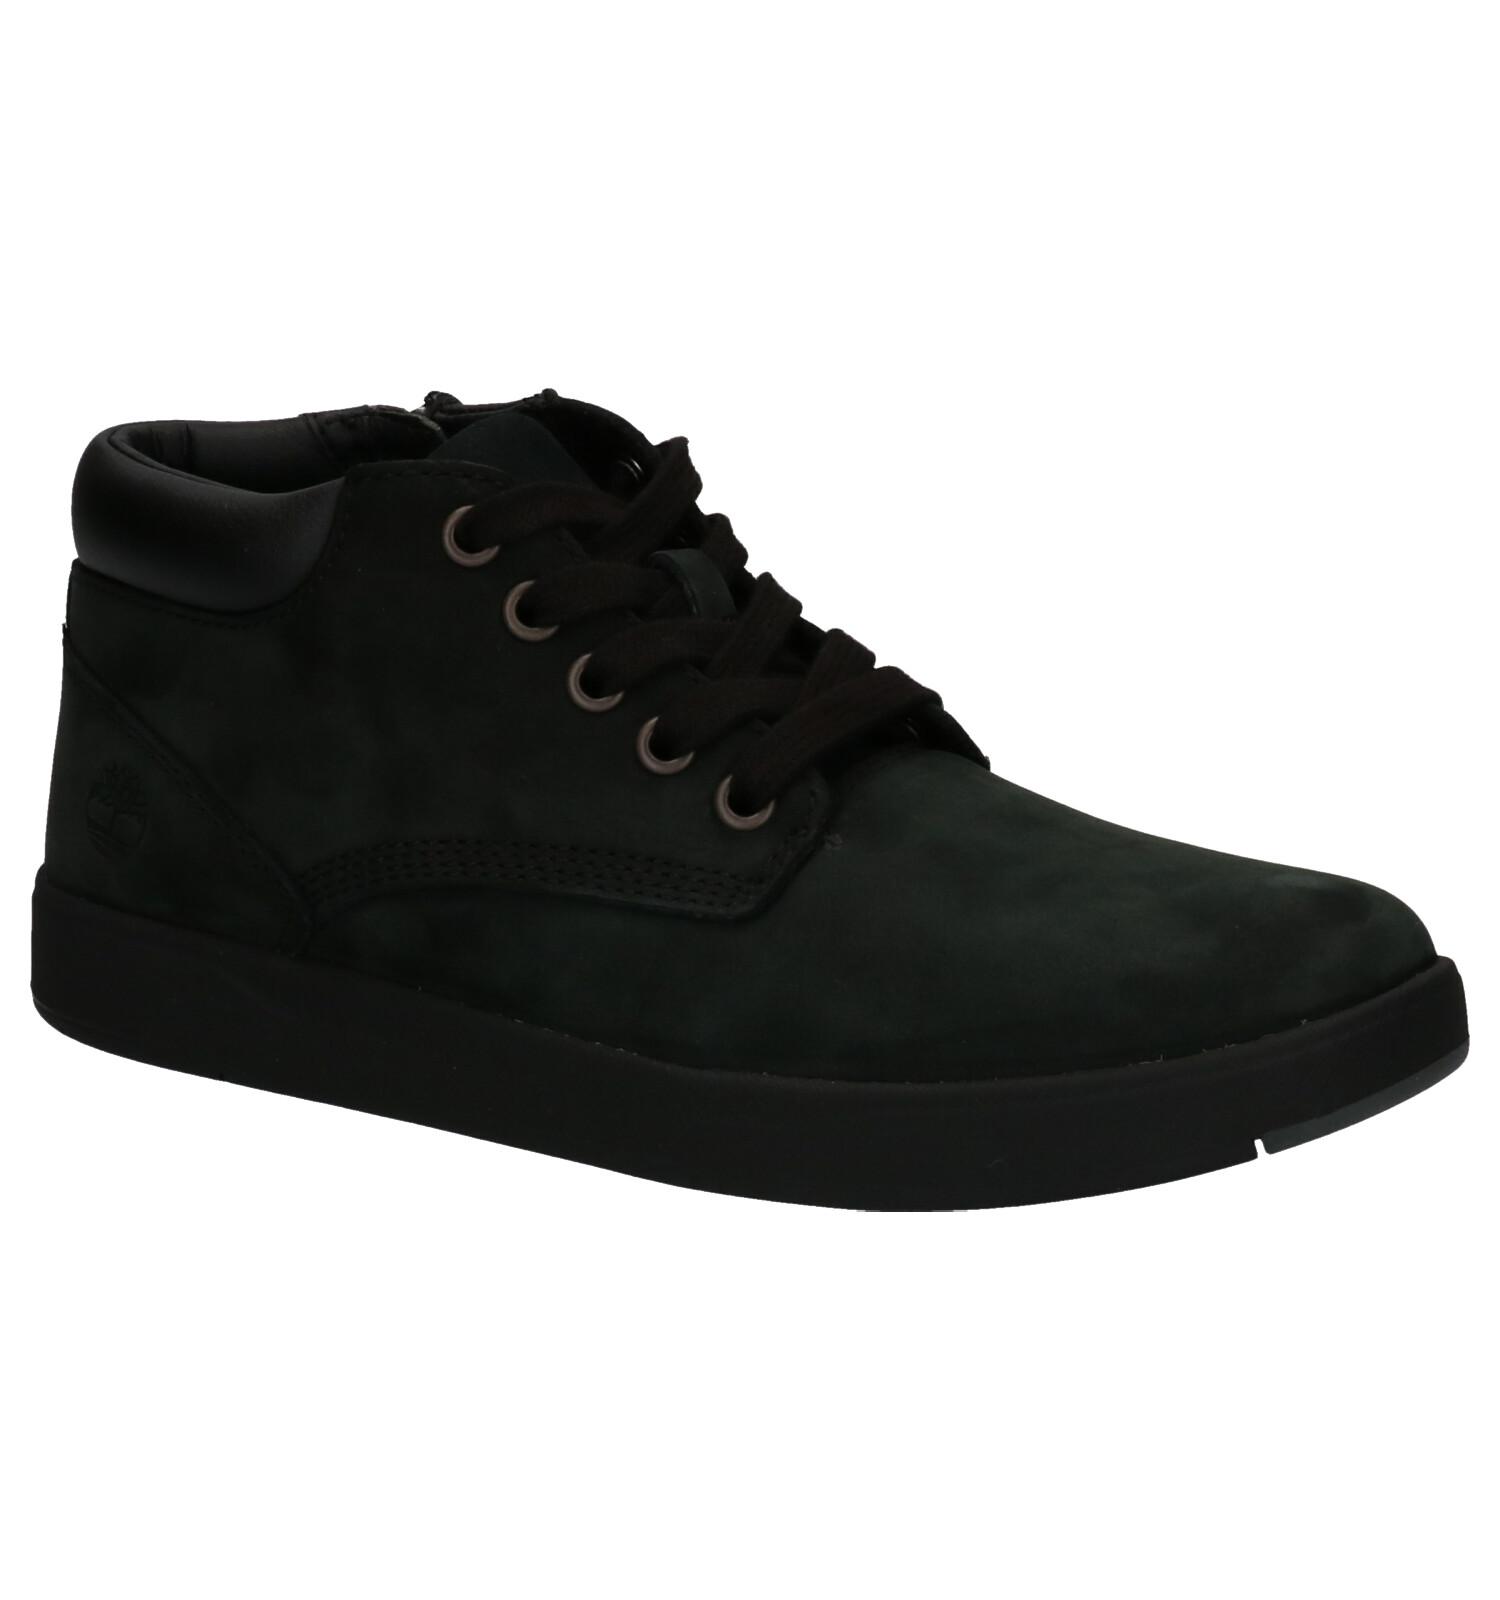 torfs.benljongensschoenenhoge schoenen